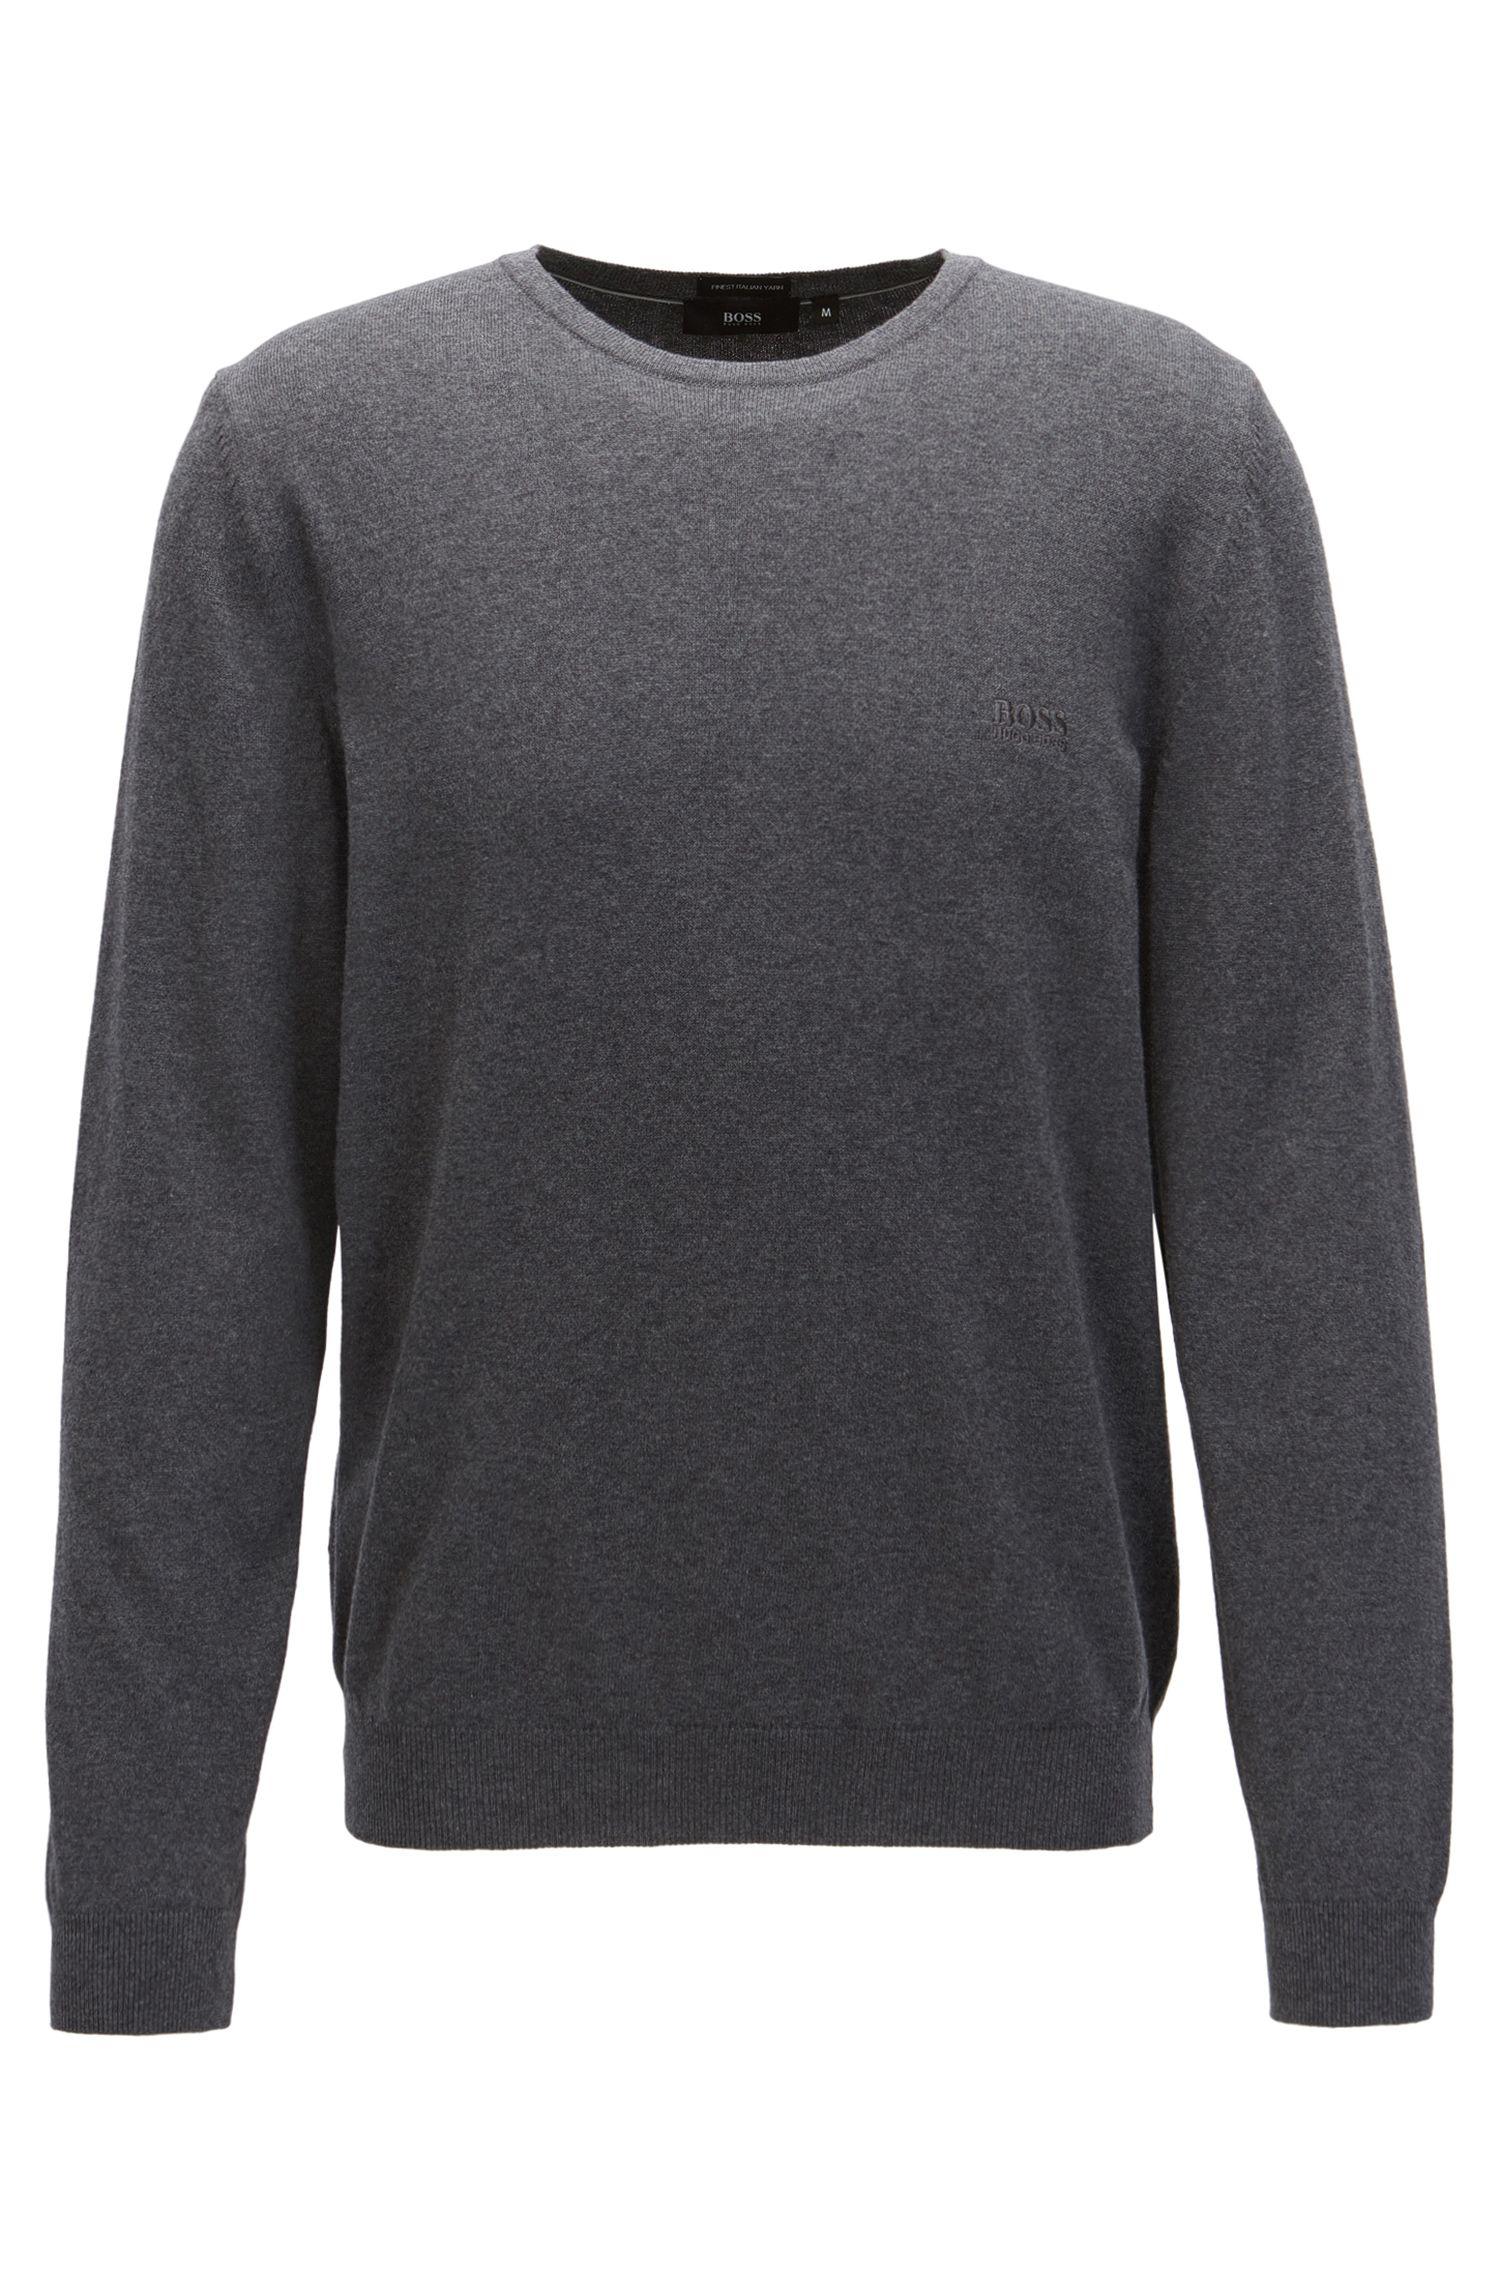 Jersey de algodón con cuello redondo y logo bordado